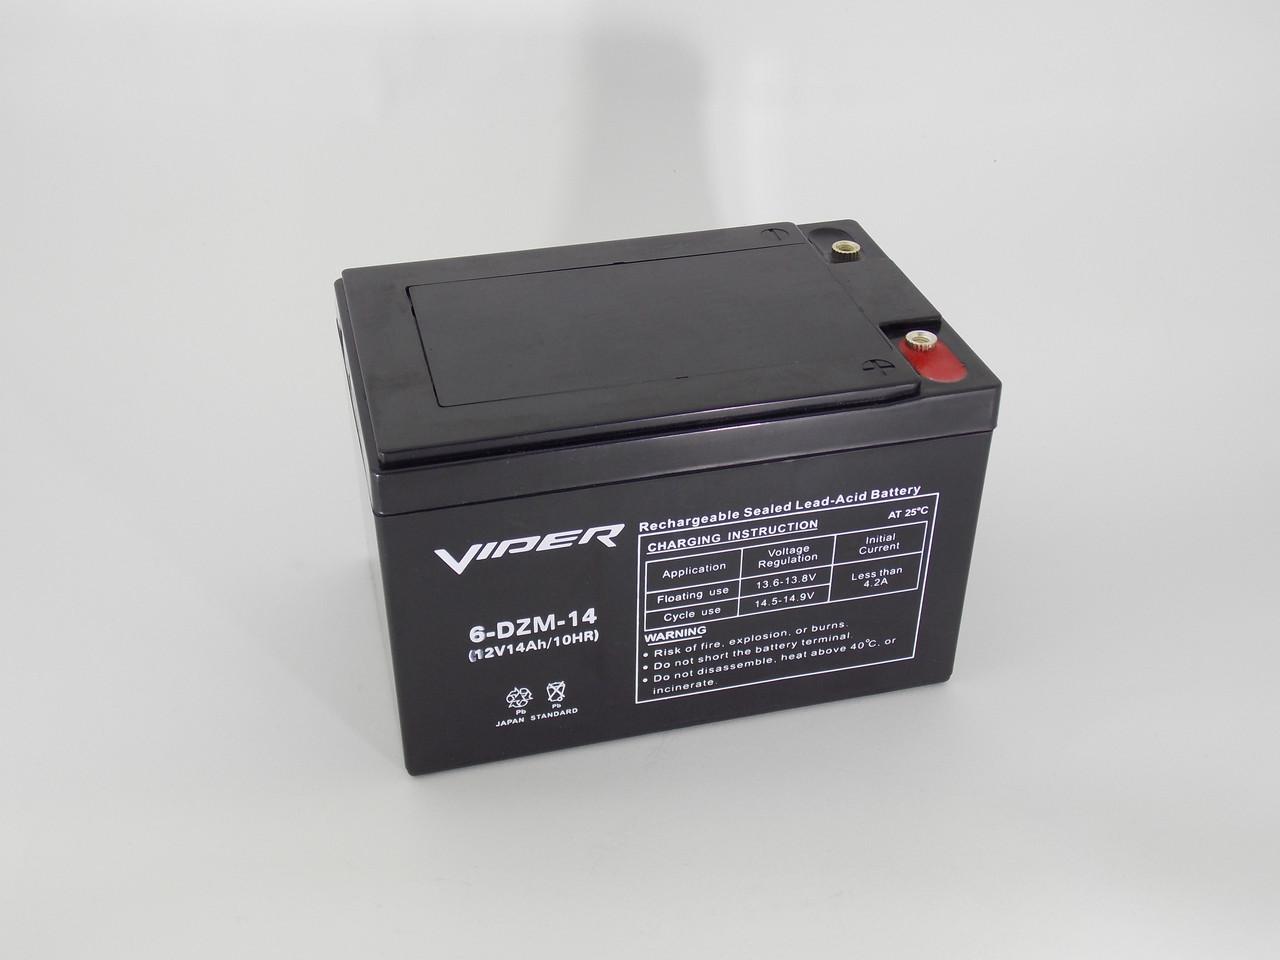 Тяговый свинцово-кислотный аккумулятор 6-DZM-14 на 12v/14Ah необслуживаемый